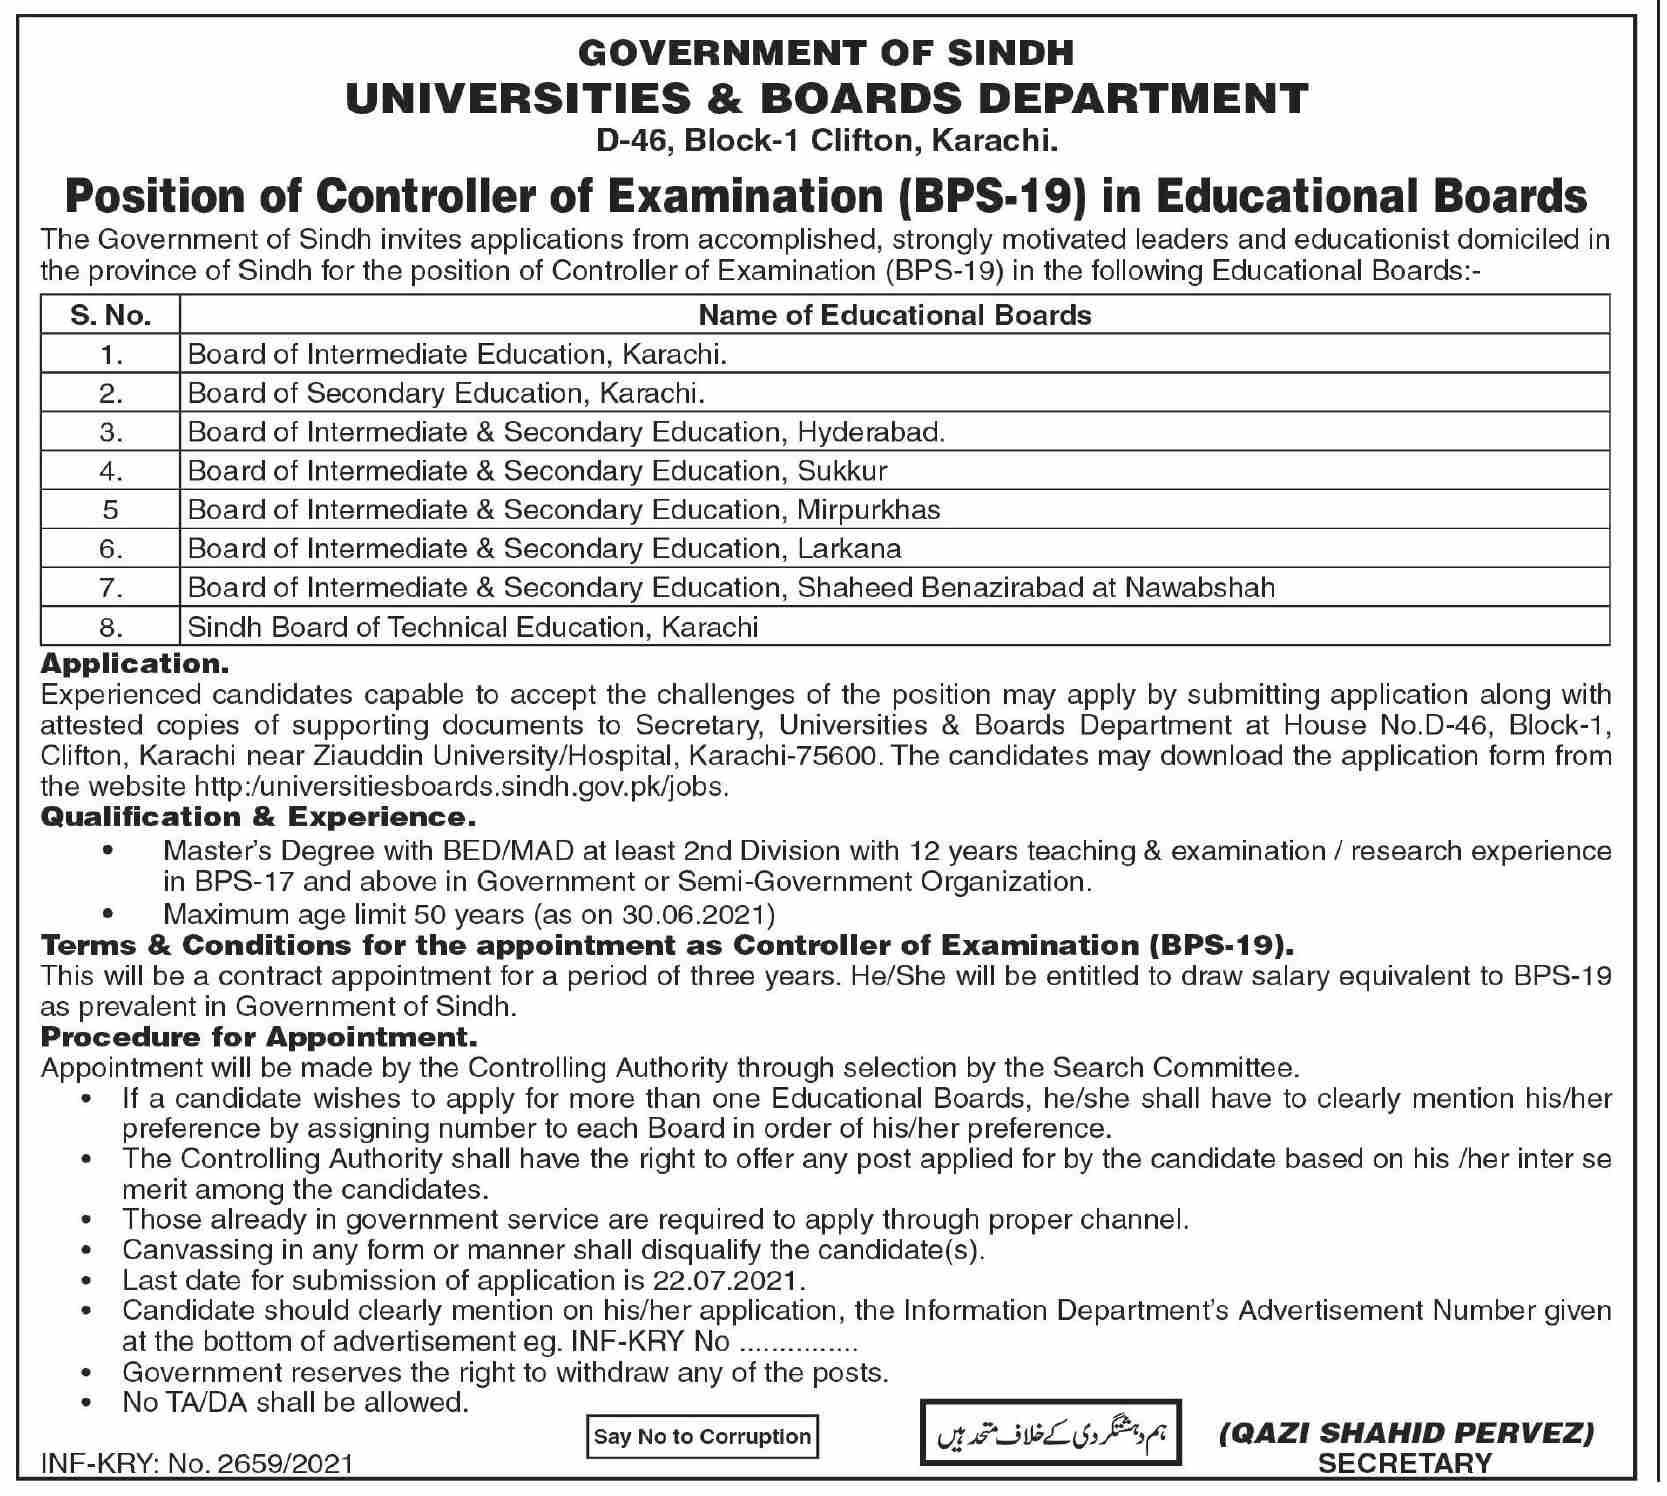 Universities & Boards Department Sindh Jobs 2021 in Pakistan